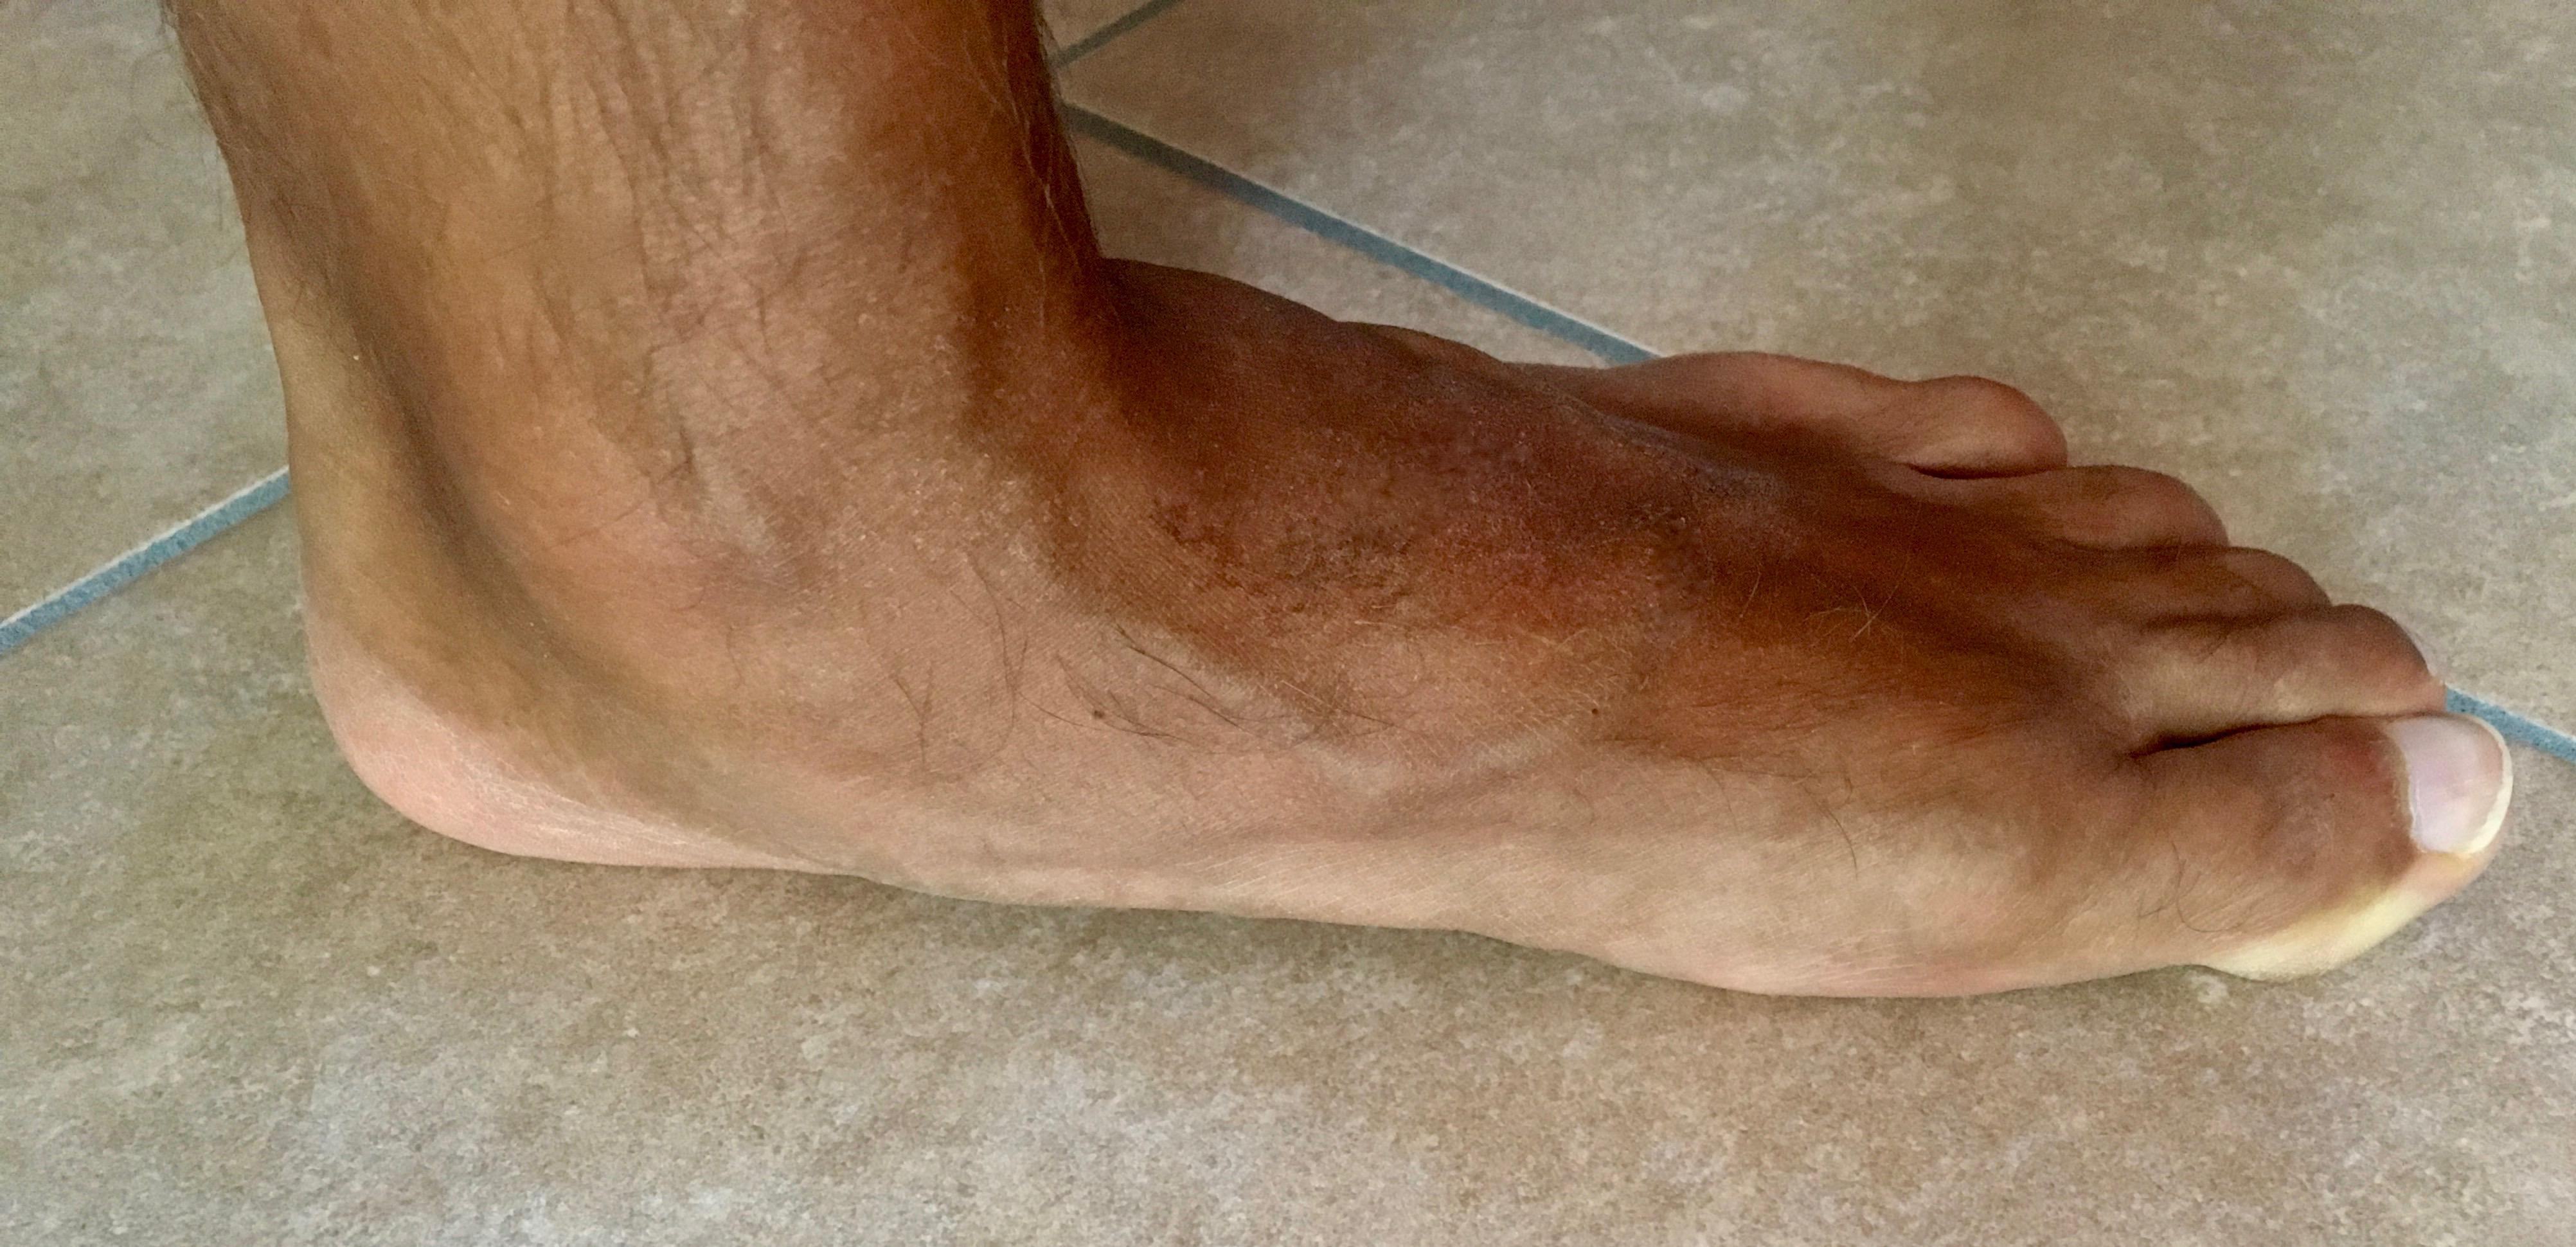 Dolore al piede: quali sono le cause e terapie adeguate